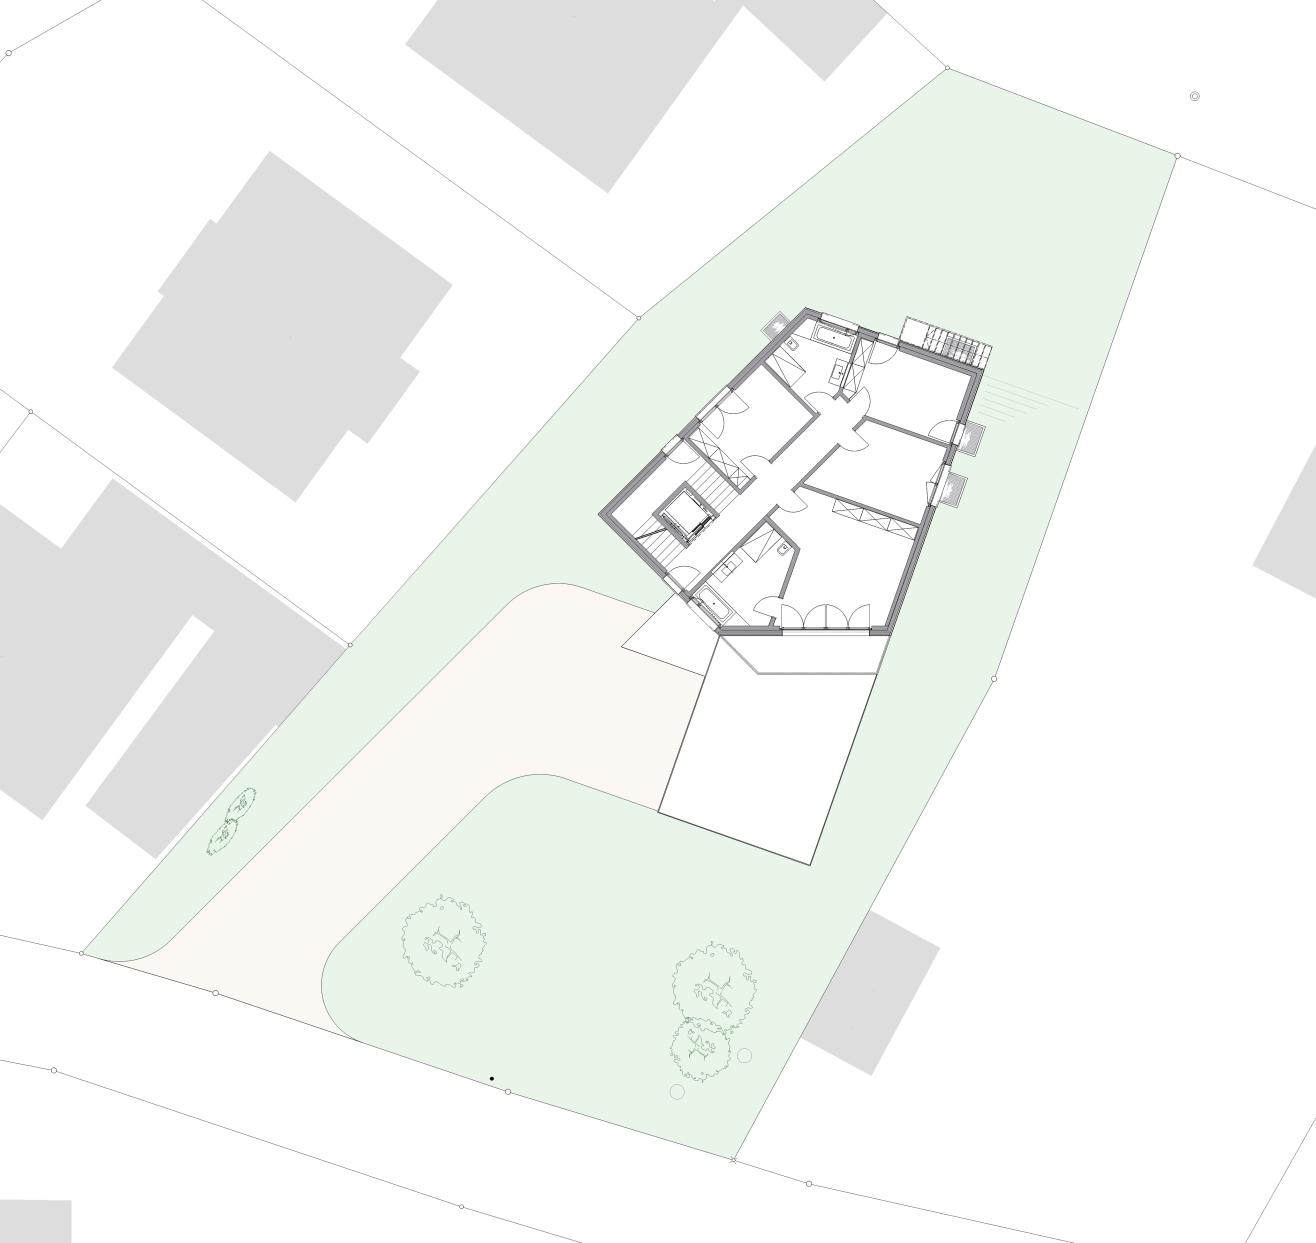 stadtvilla plan